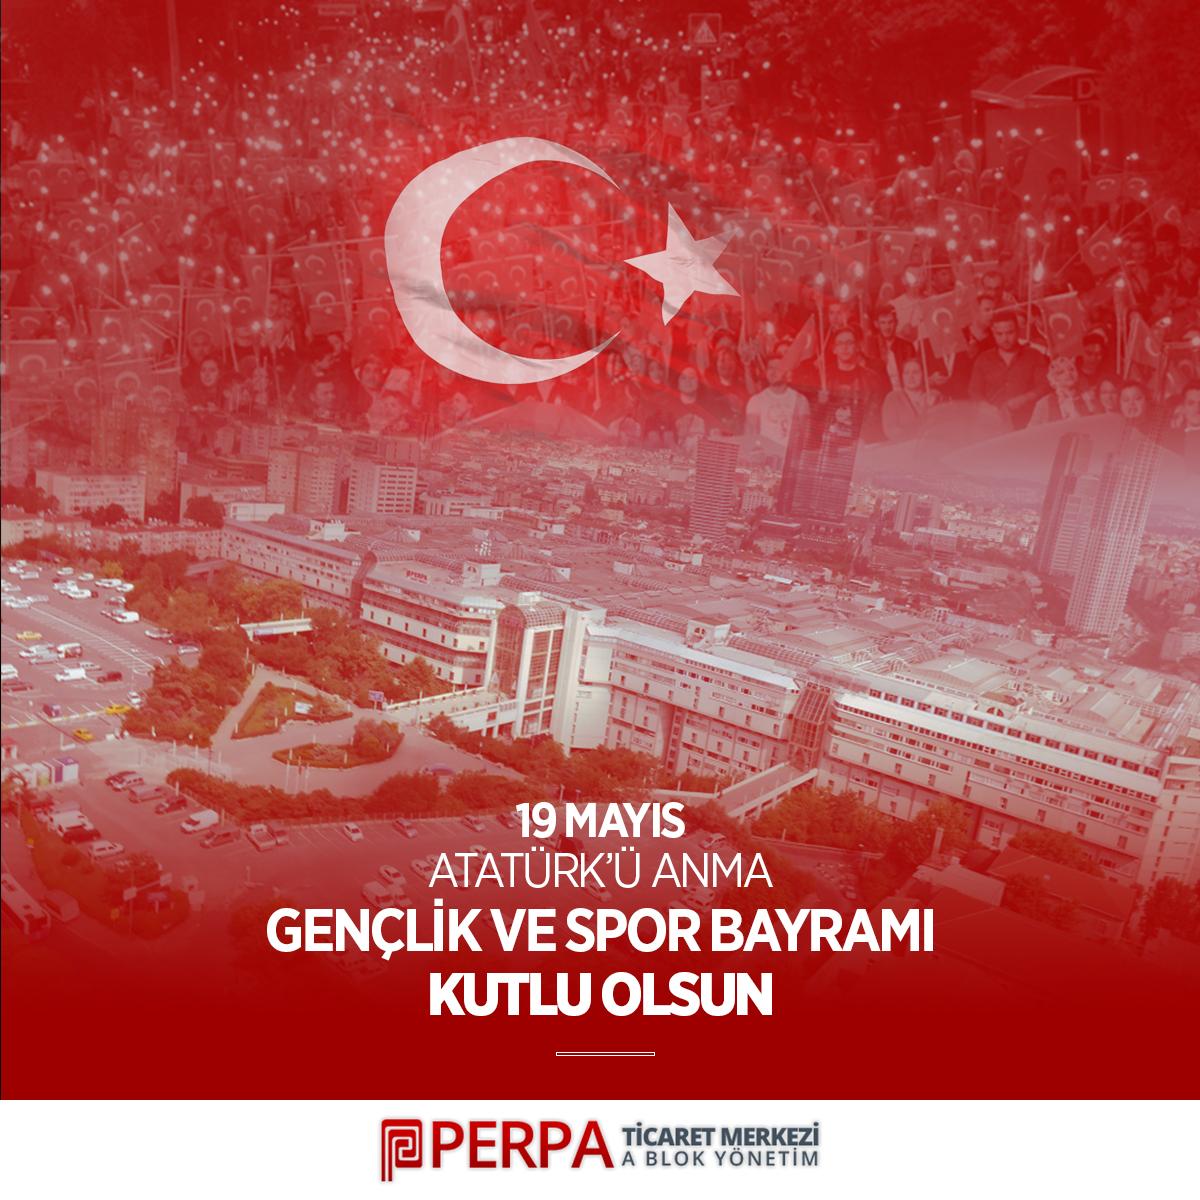 Bağımsızlığın İlk Adımı Olan 19 Mayıs Atatürk'ü Anma